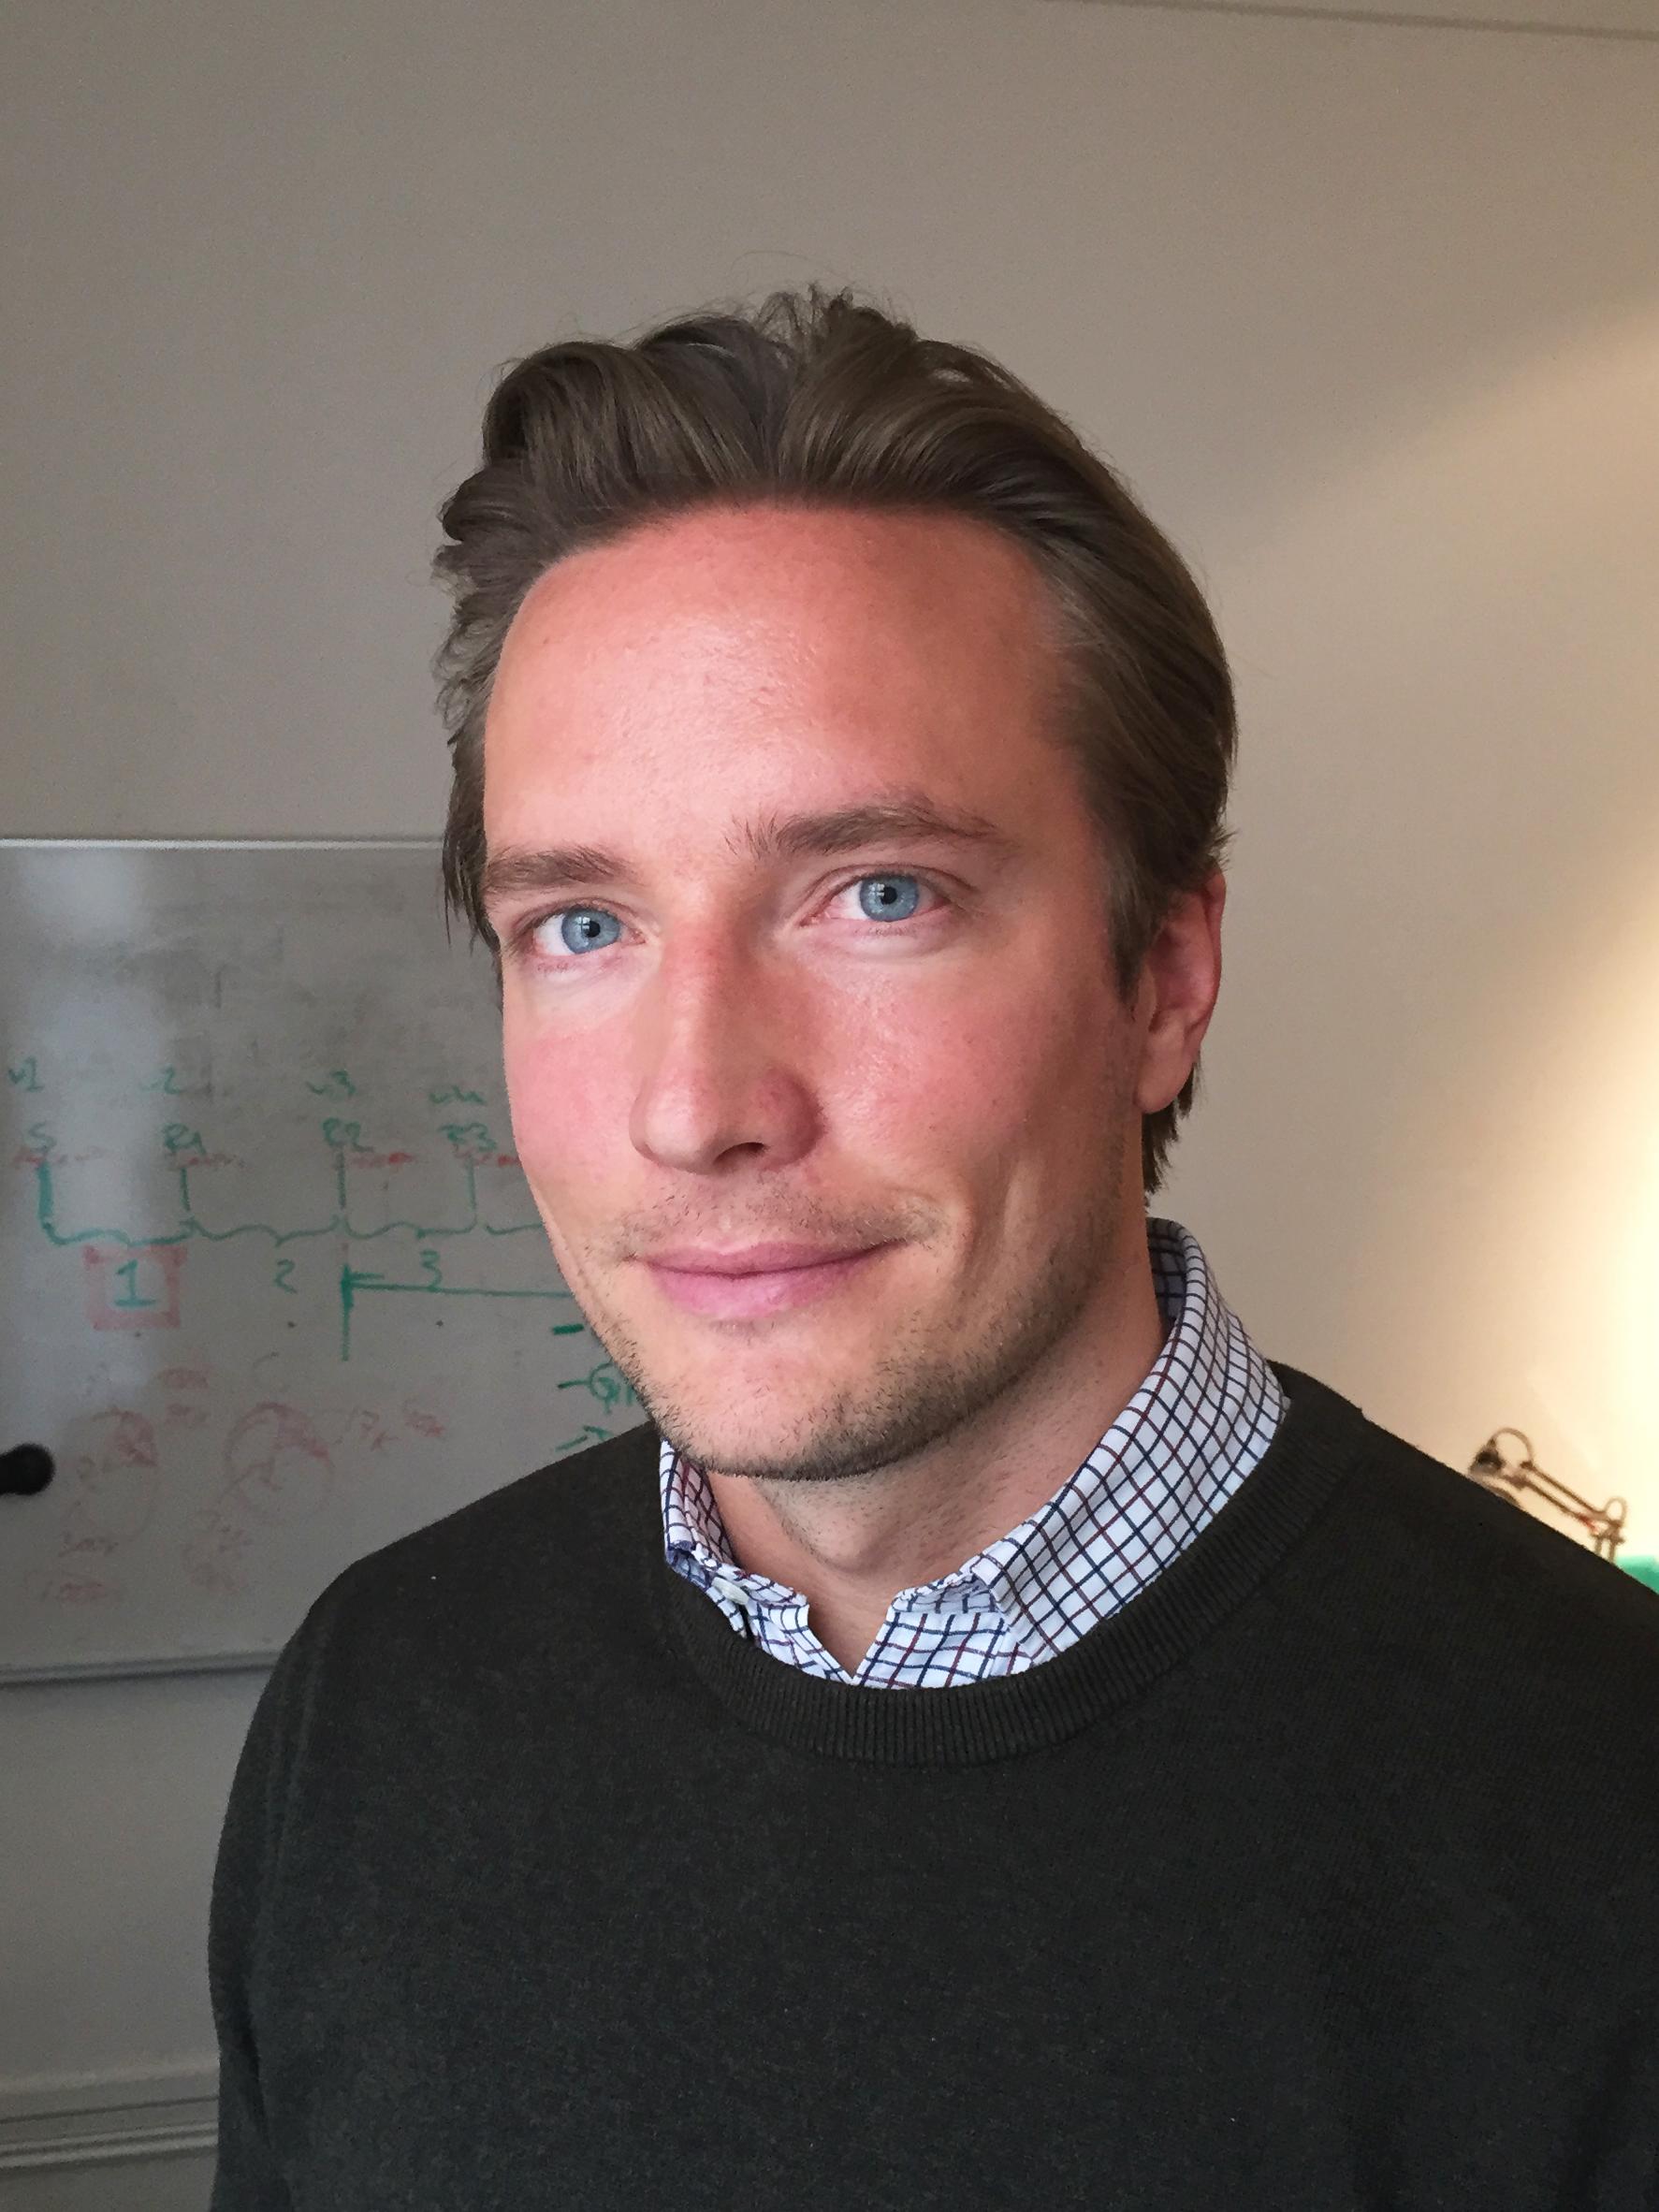 Attefallshus.com Peter Efvergren